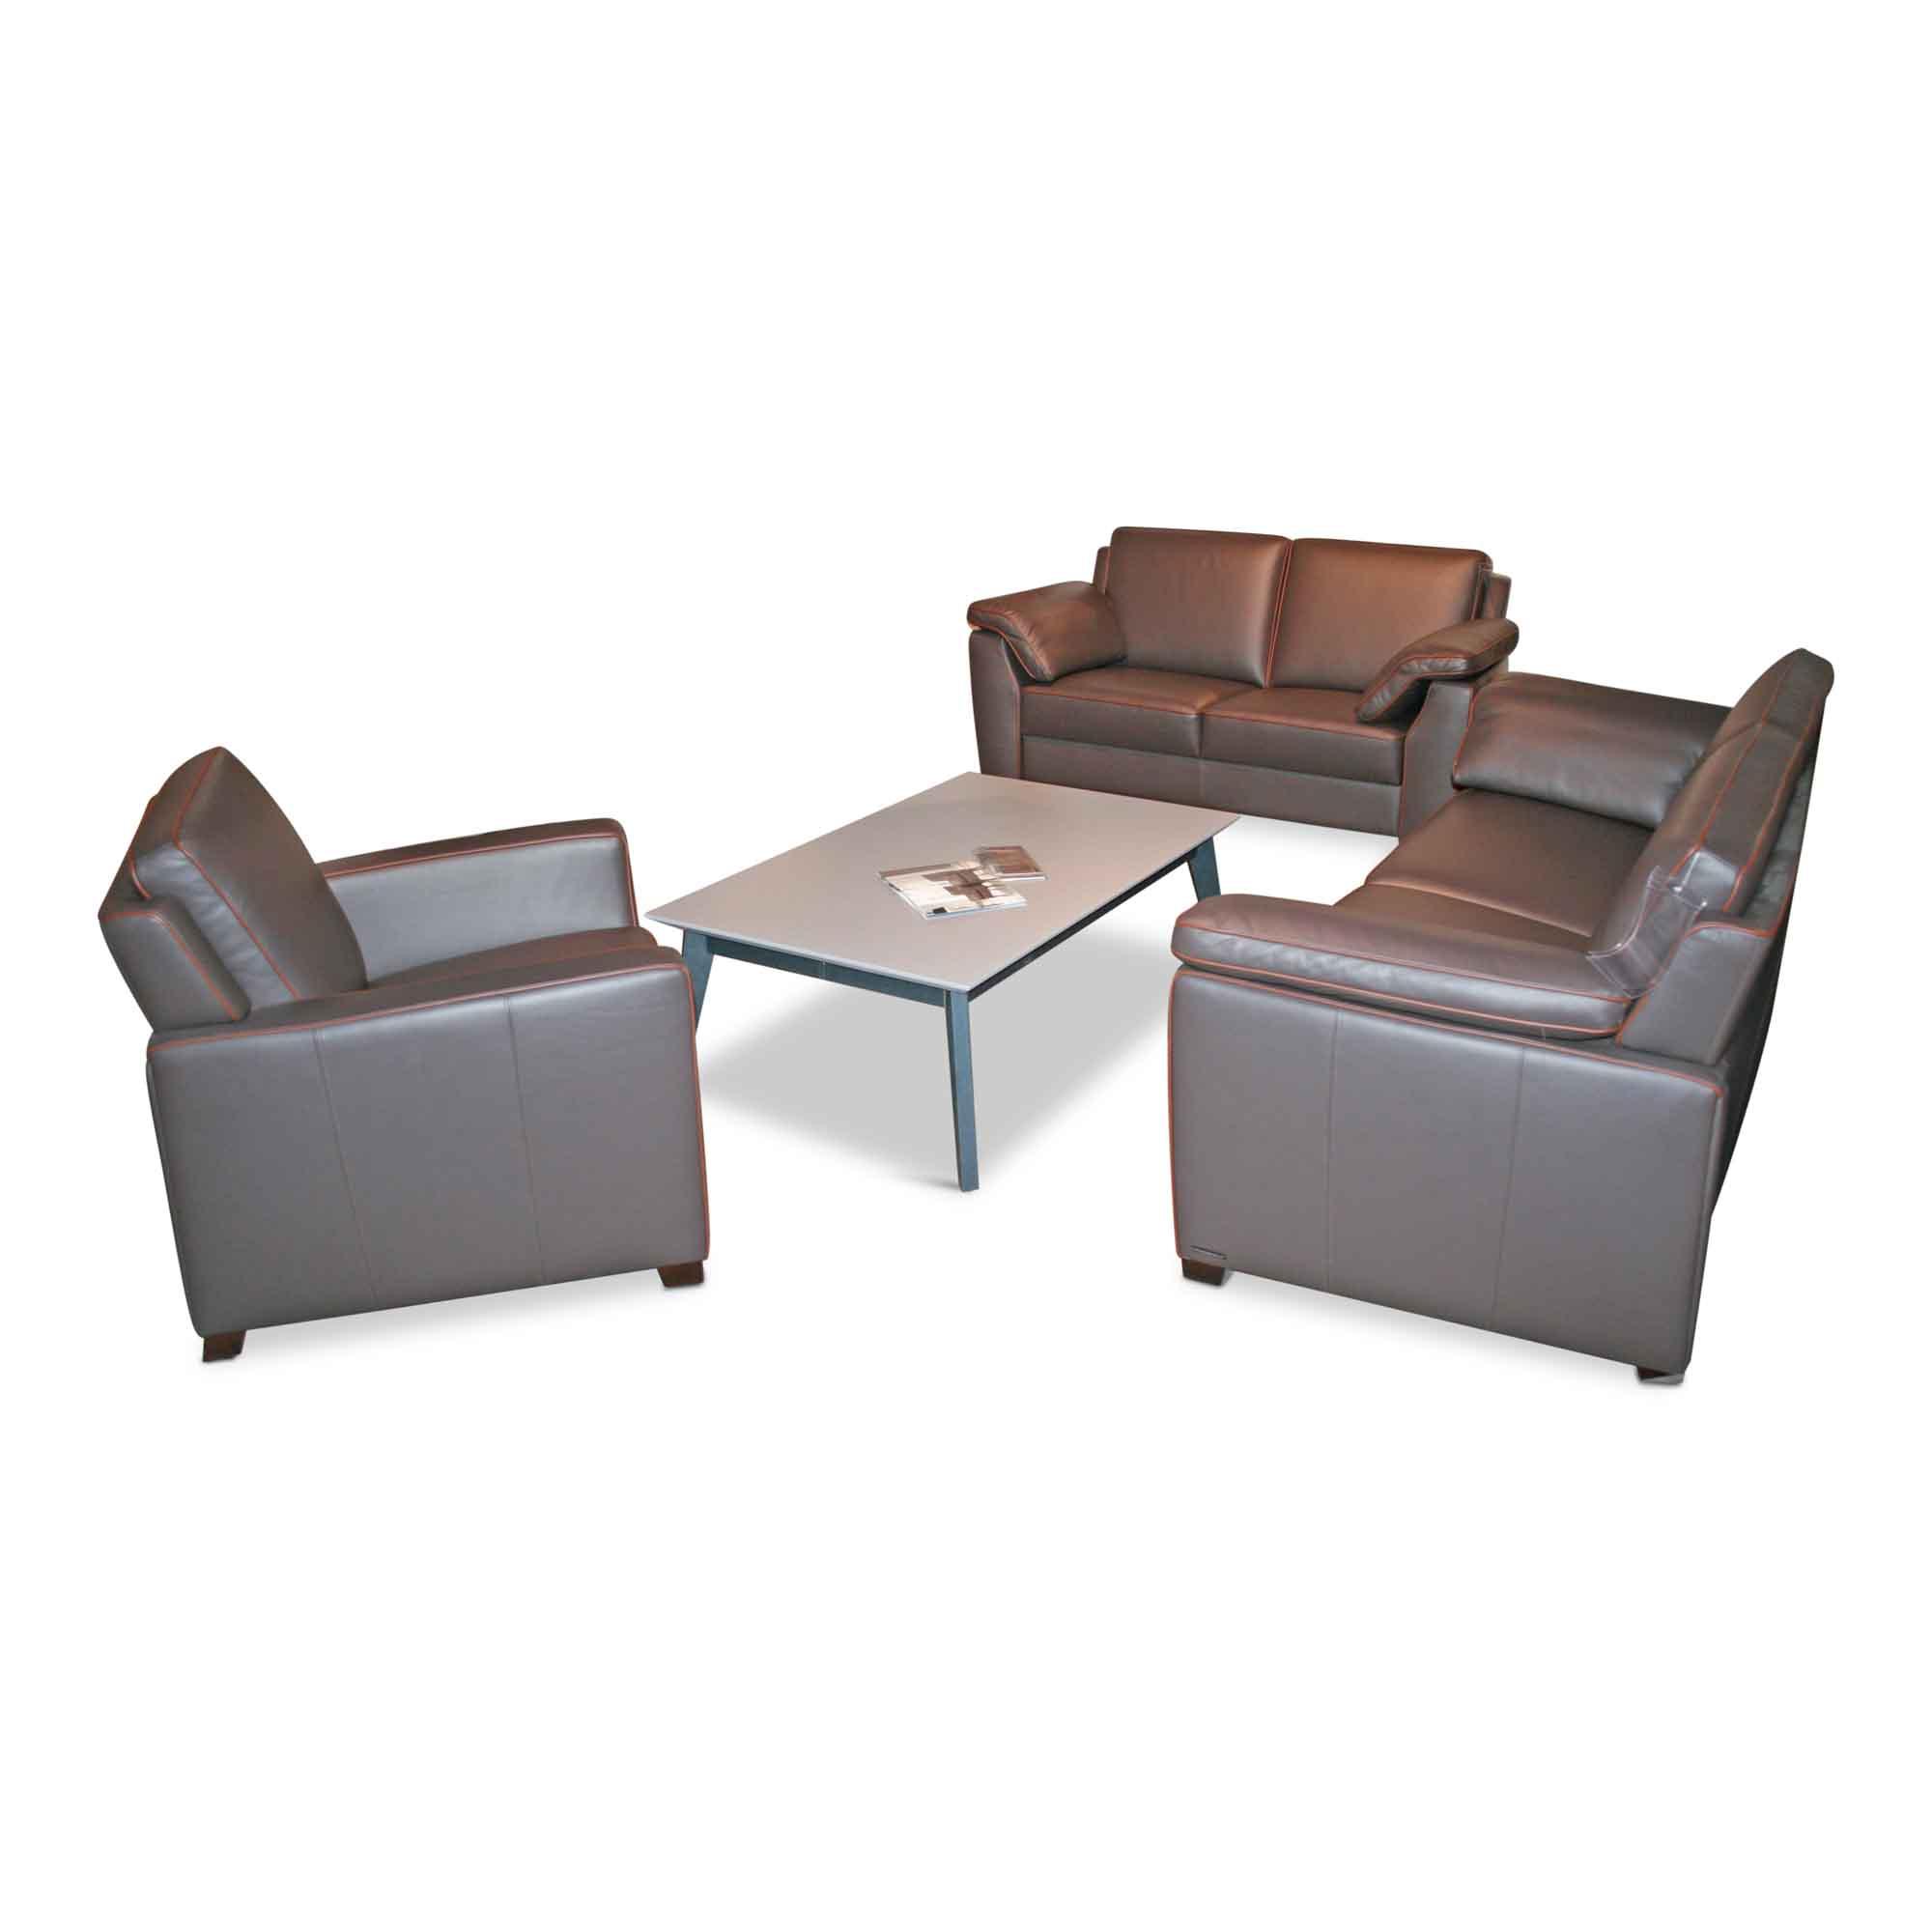 Garnitur Trevi 25 Sitzer 2 Sitzer Sessel Frommholz Sofas